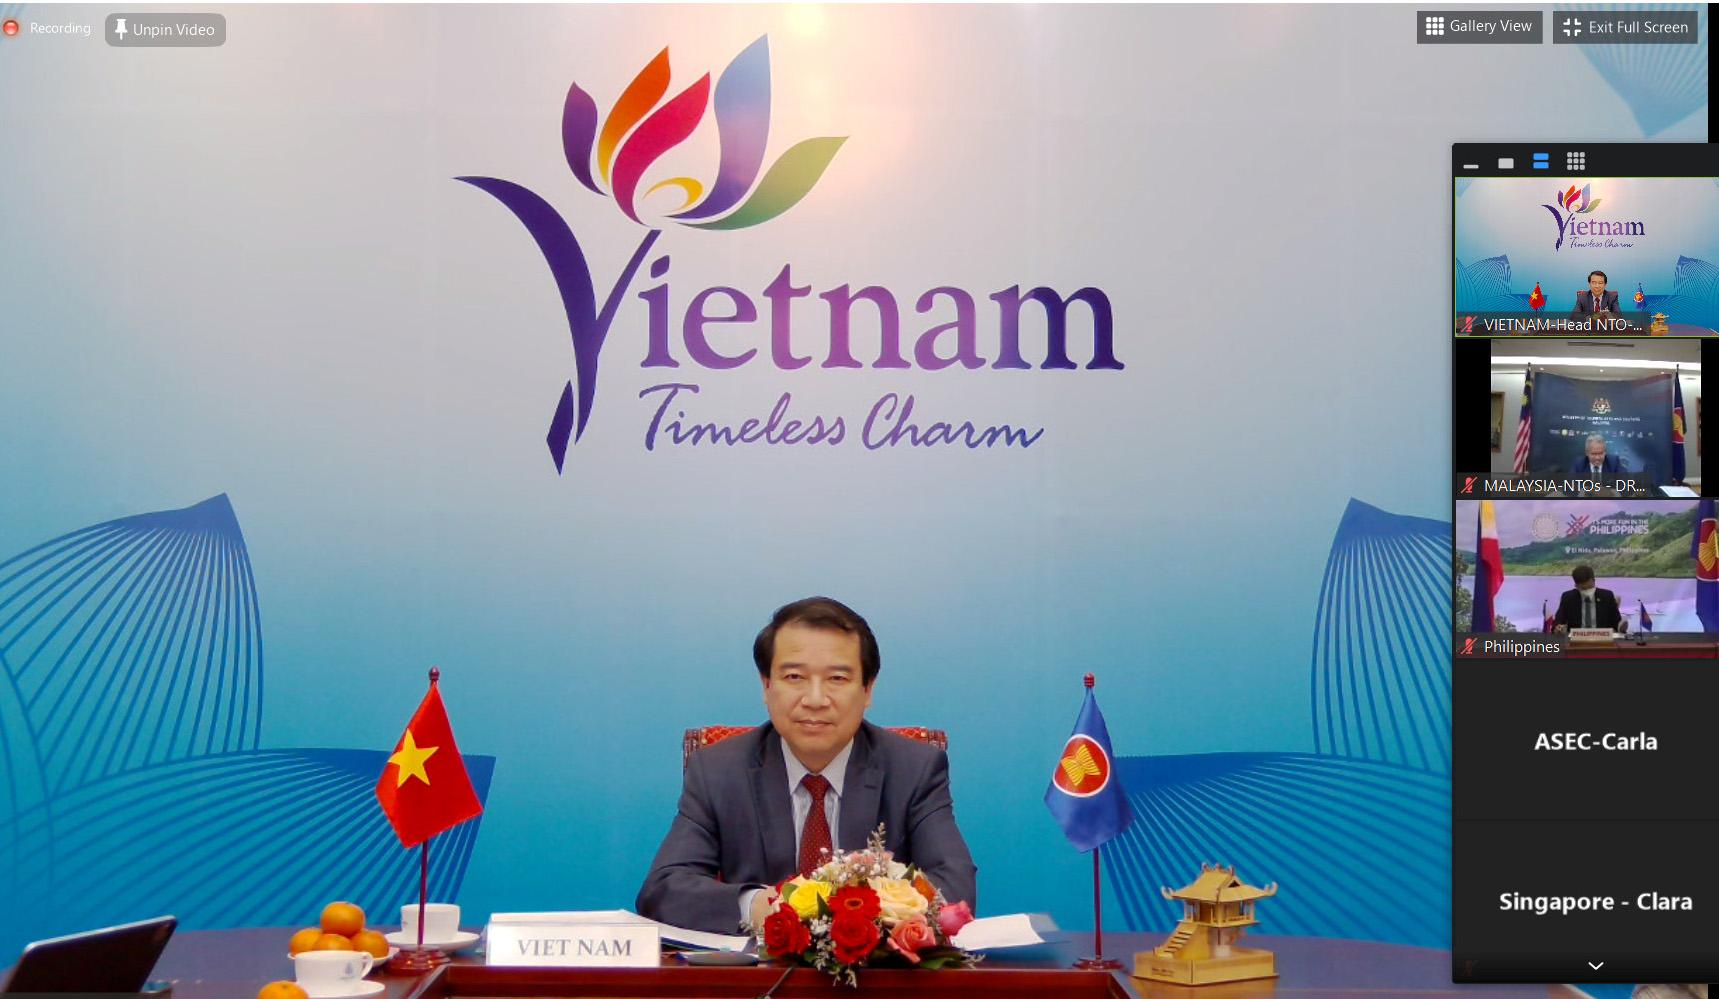 Phó Tổng cục trưởng Hà Văn Siêu dự Hội nghị trực tuyến Cơ quan du lịch quốc gia ASEAN lần thứ 53